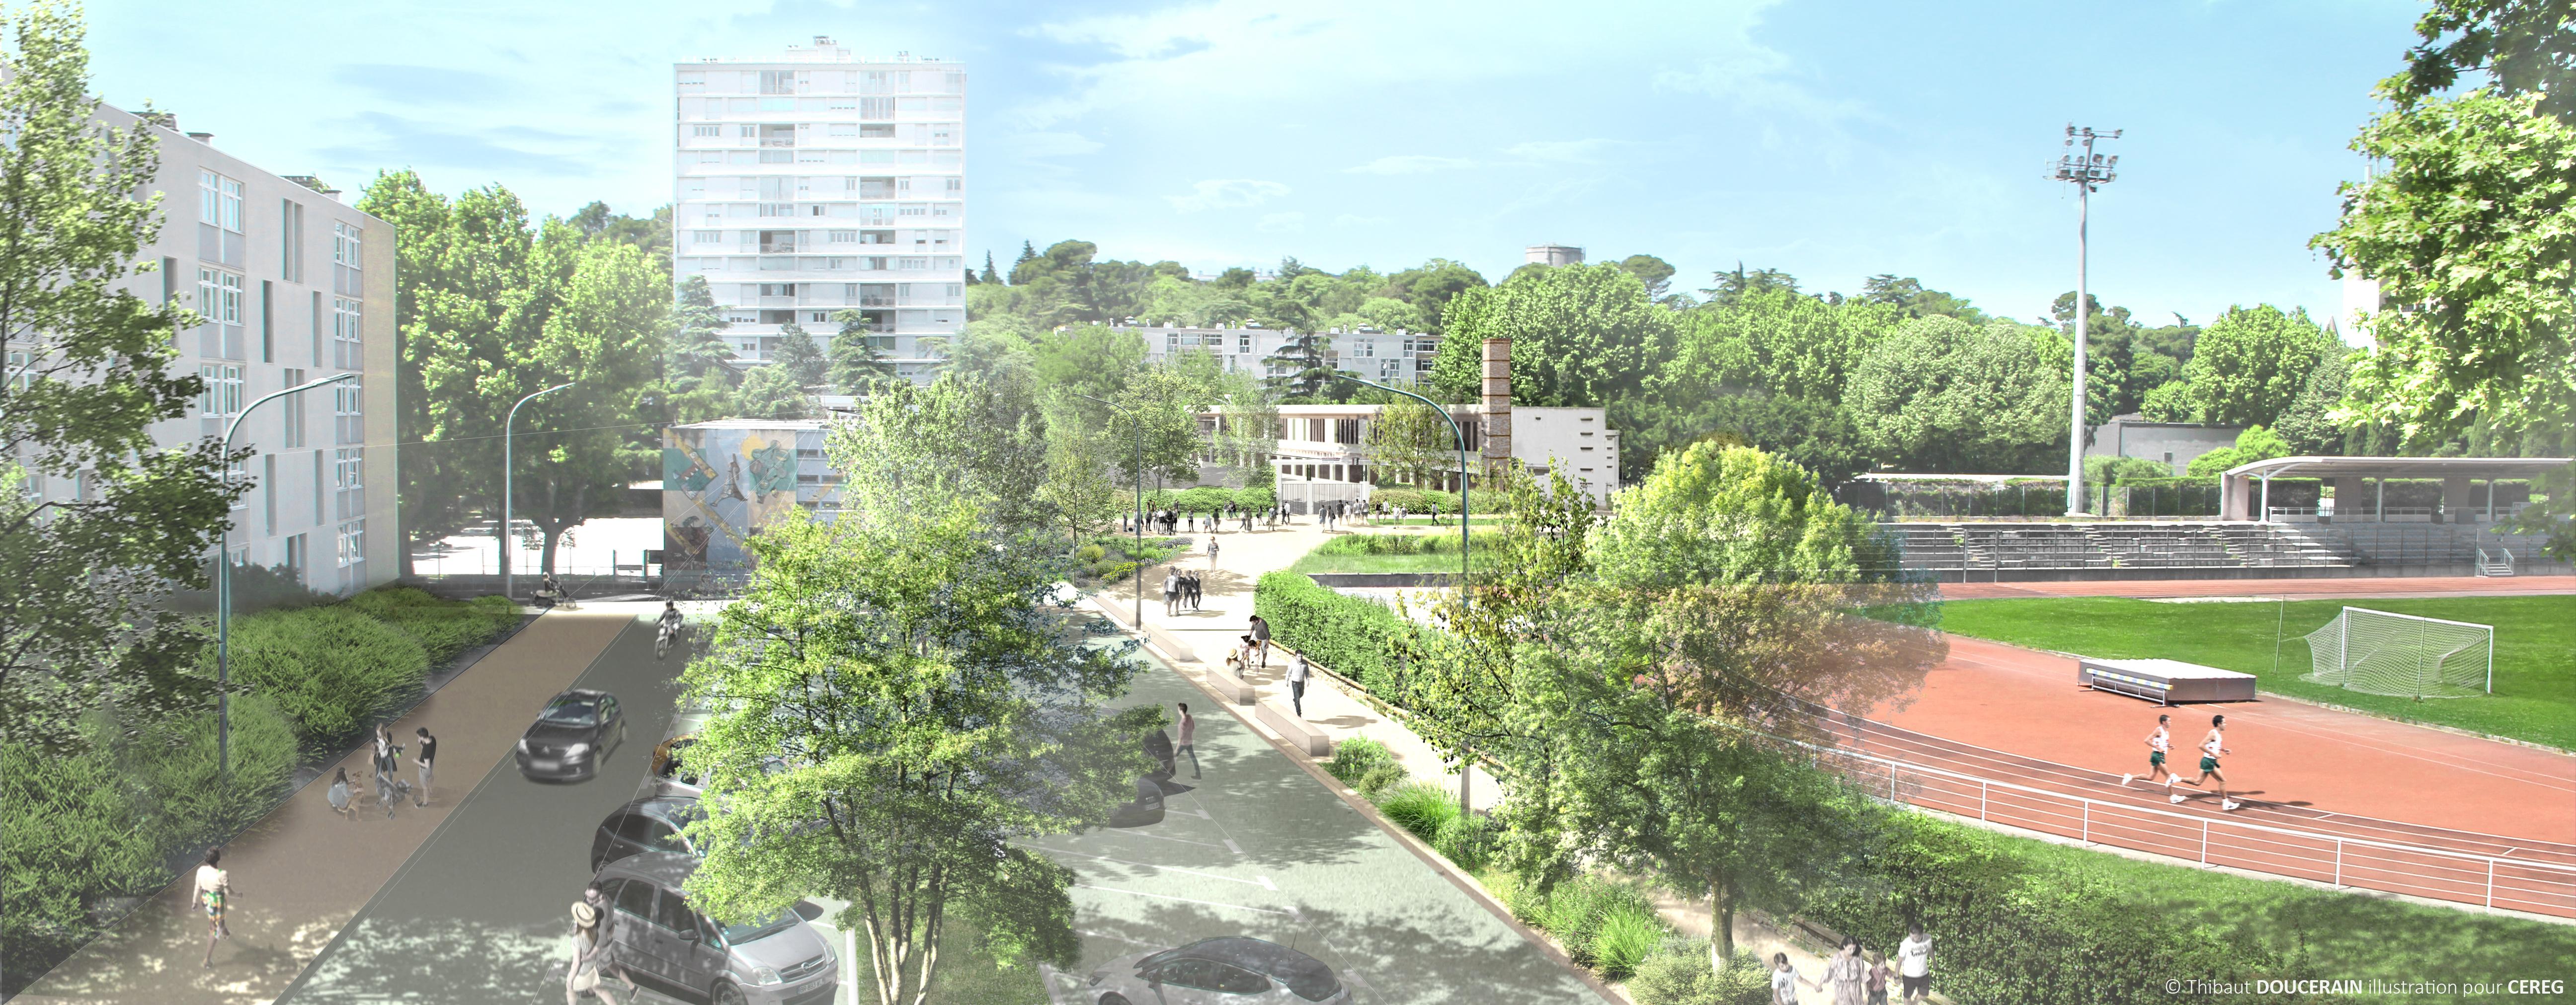 Les travaux de réaménagement de la place Léon Jouhaux débutent